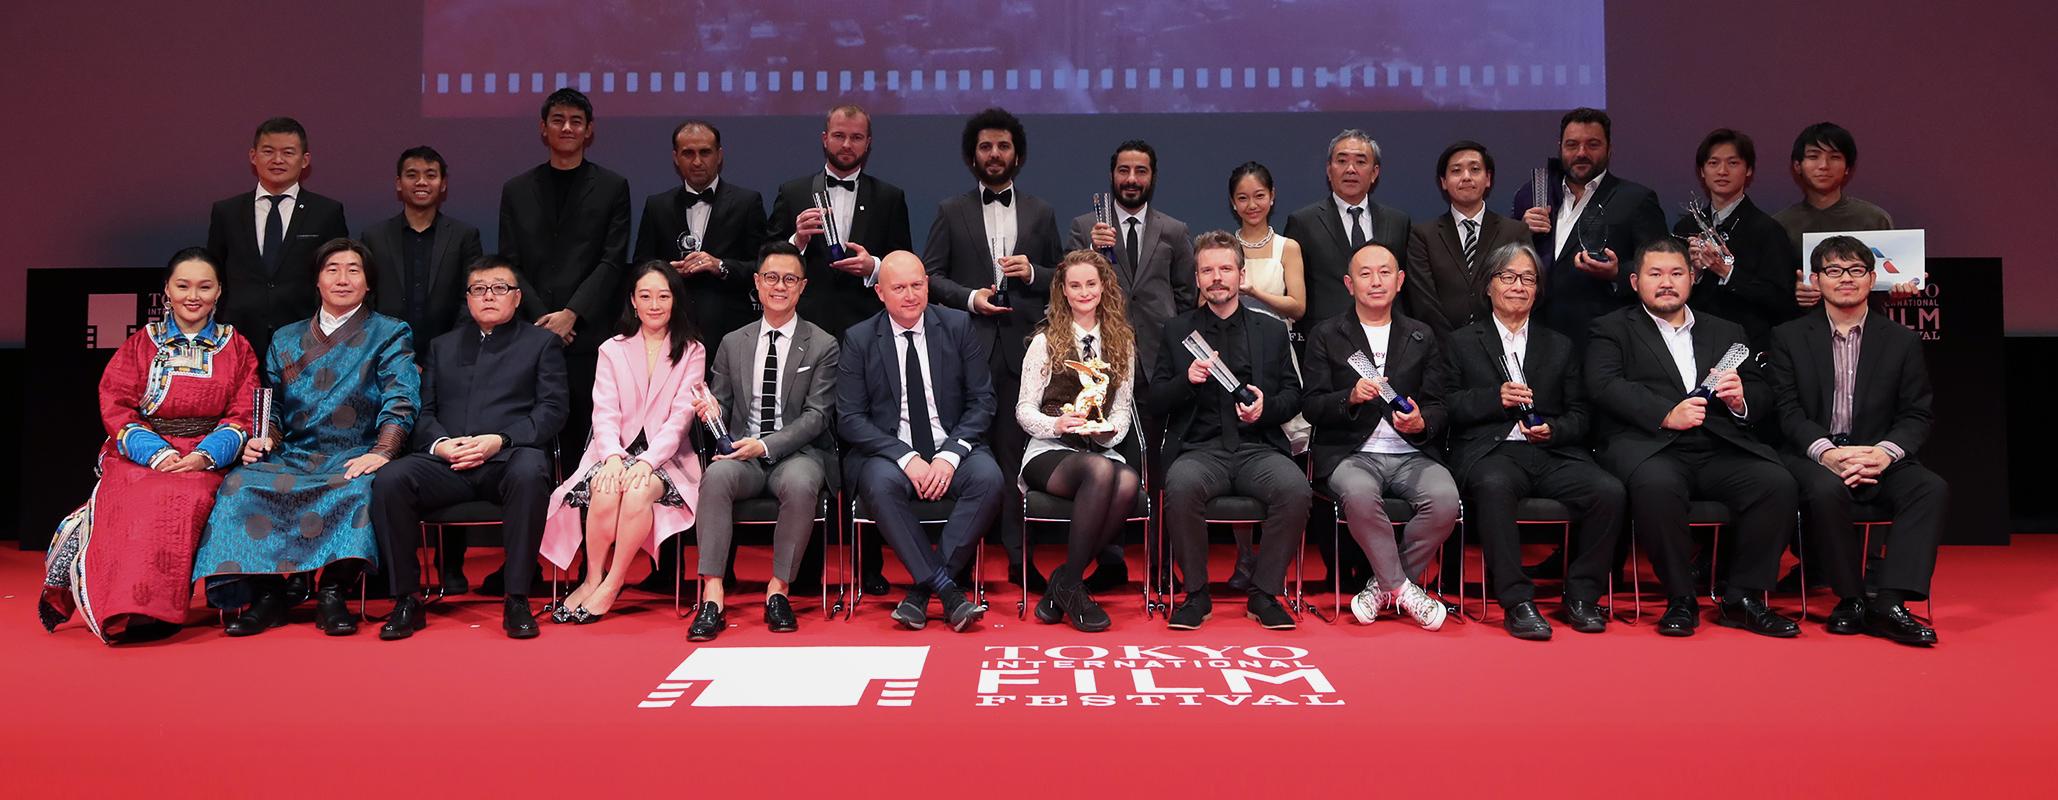 第32回東京高裁映画祭受賞者との記念写真